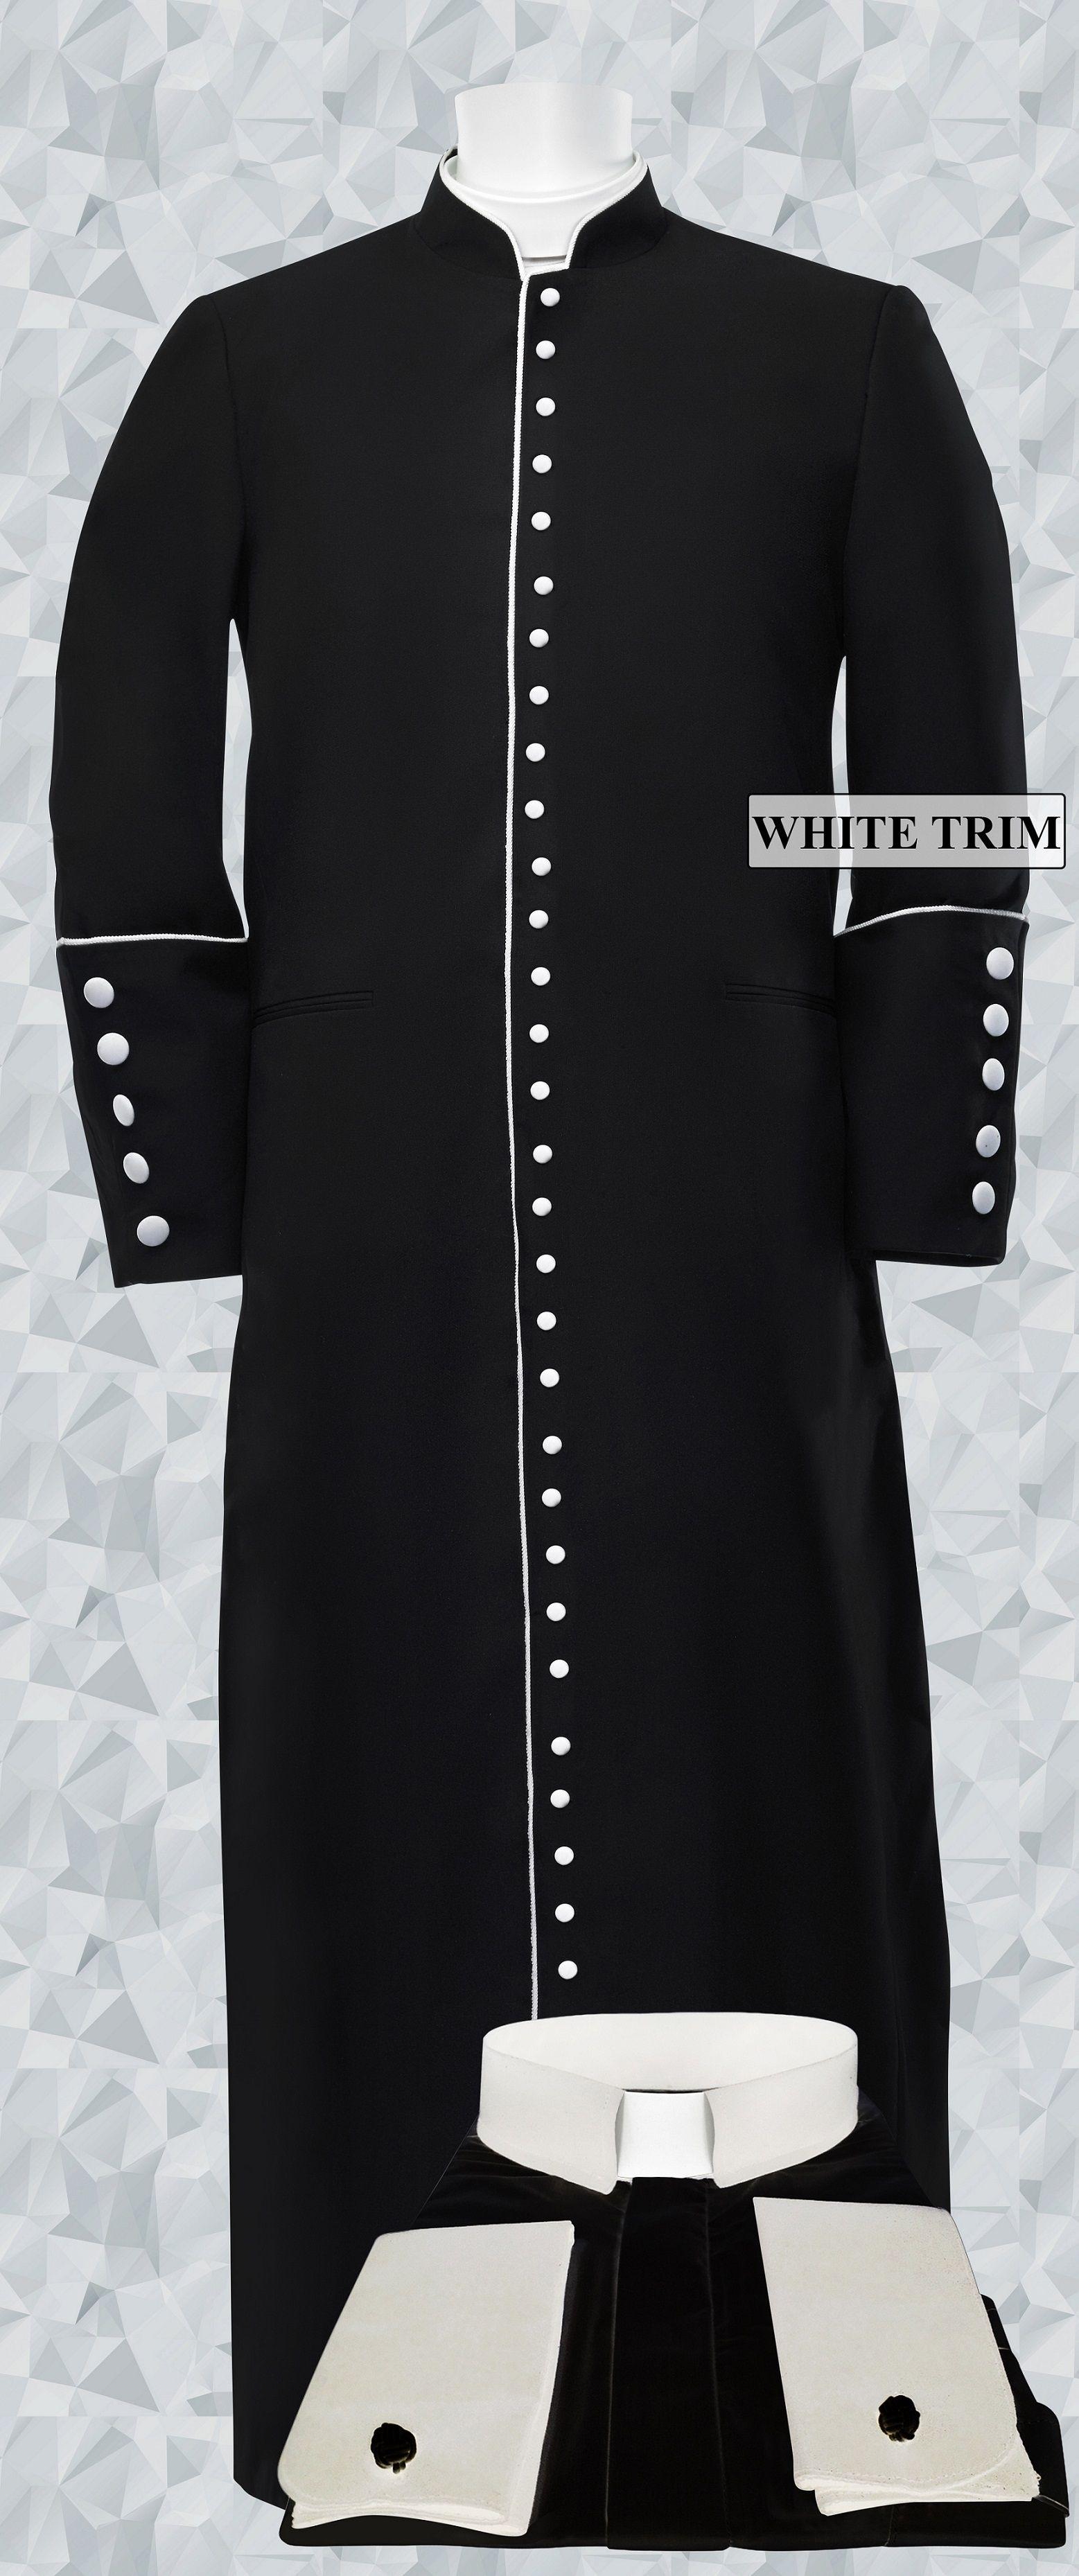 251 M. Men's Roman Cassock & Custom Shirt Package Black/White